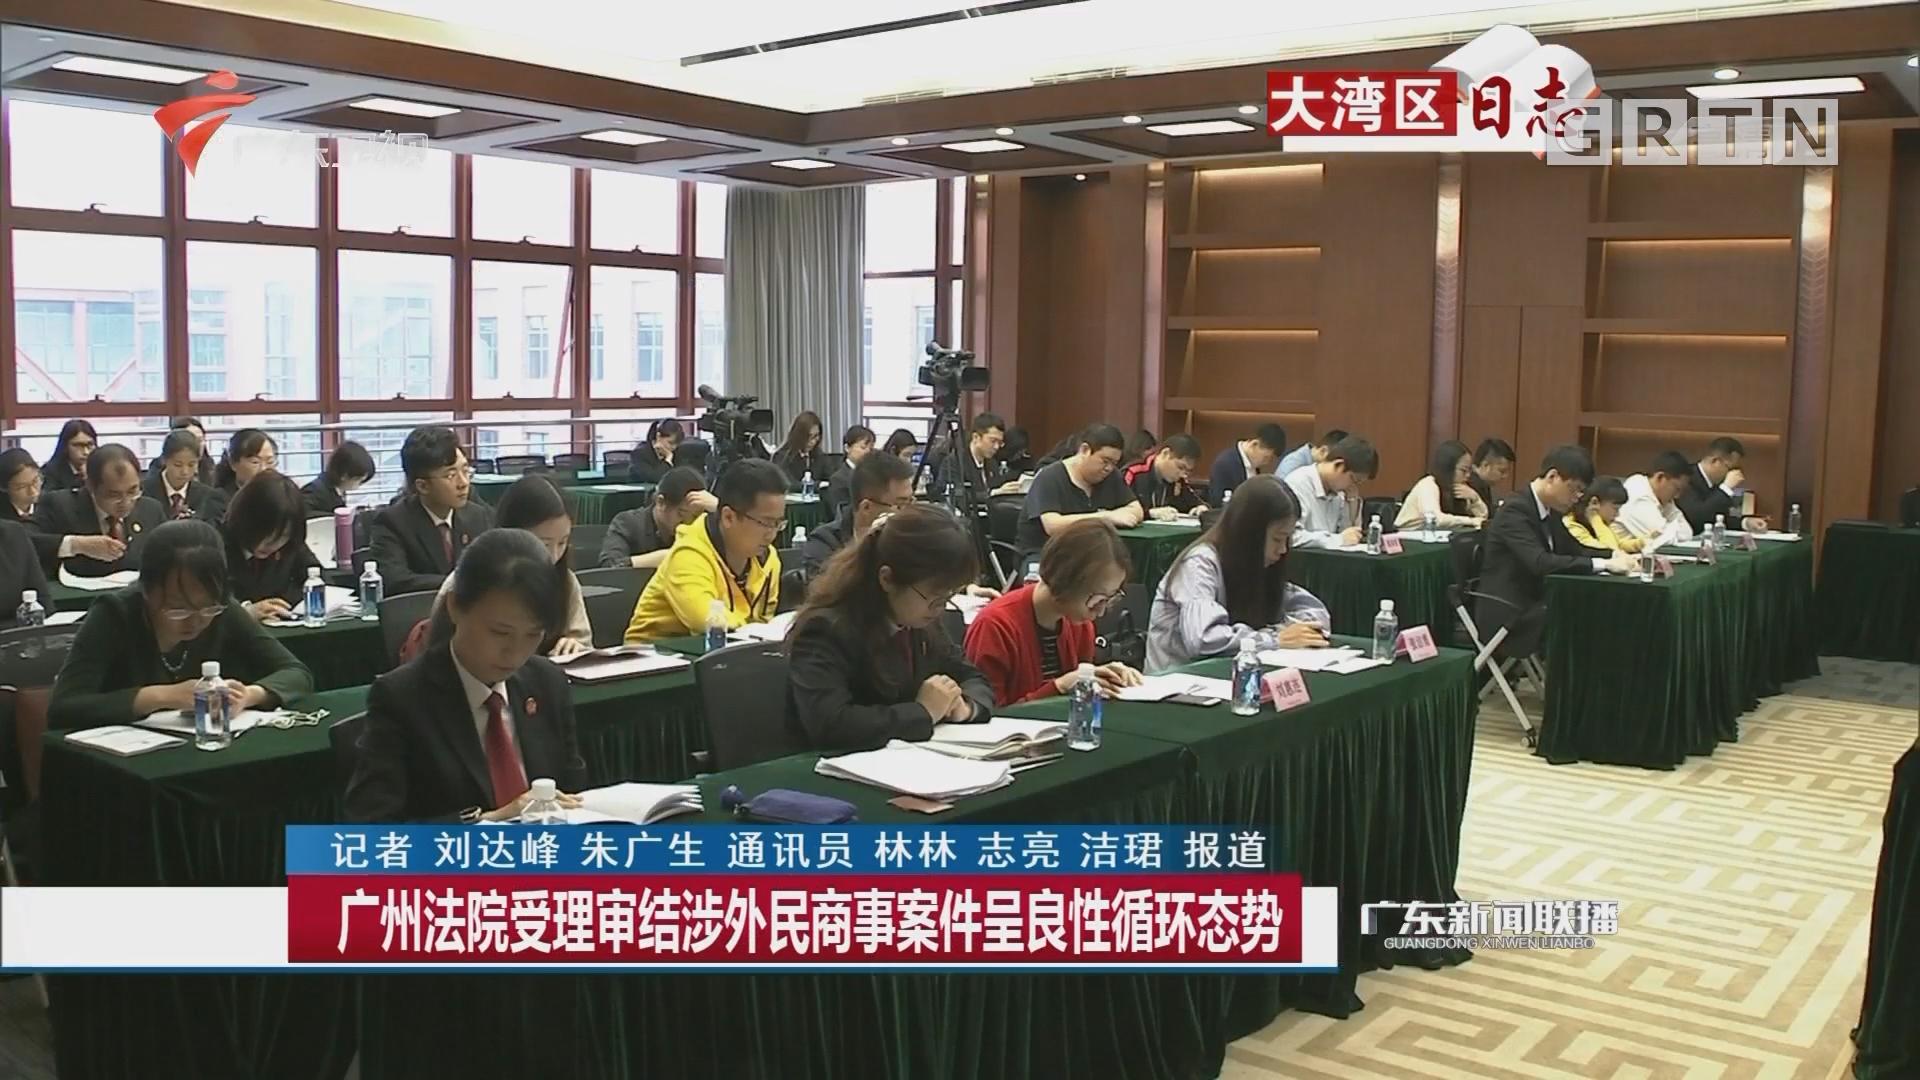 广州法院受理审结涉外民商事案件呈良性循环态势